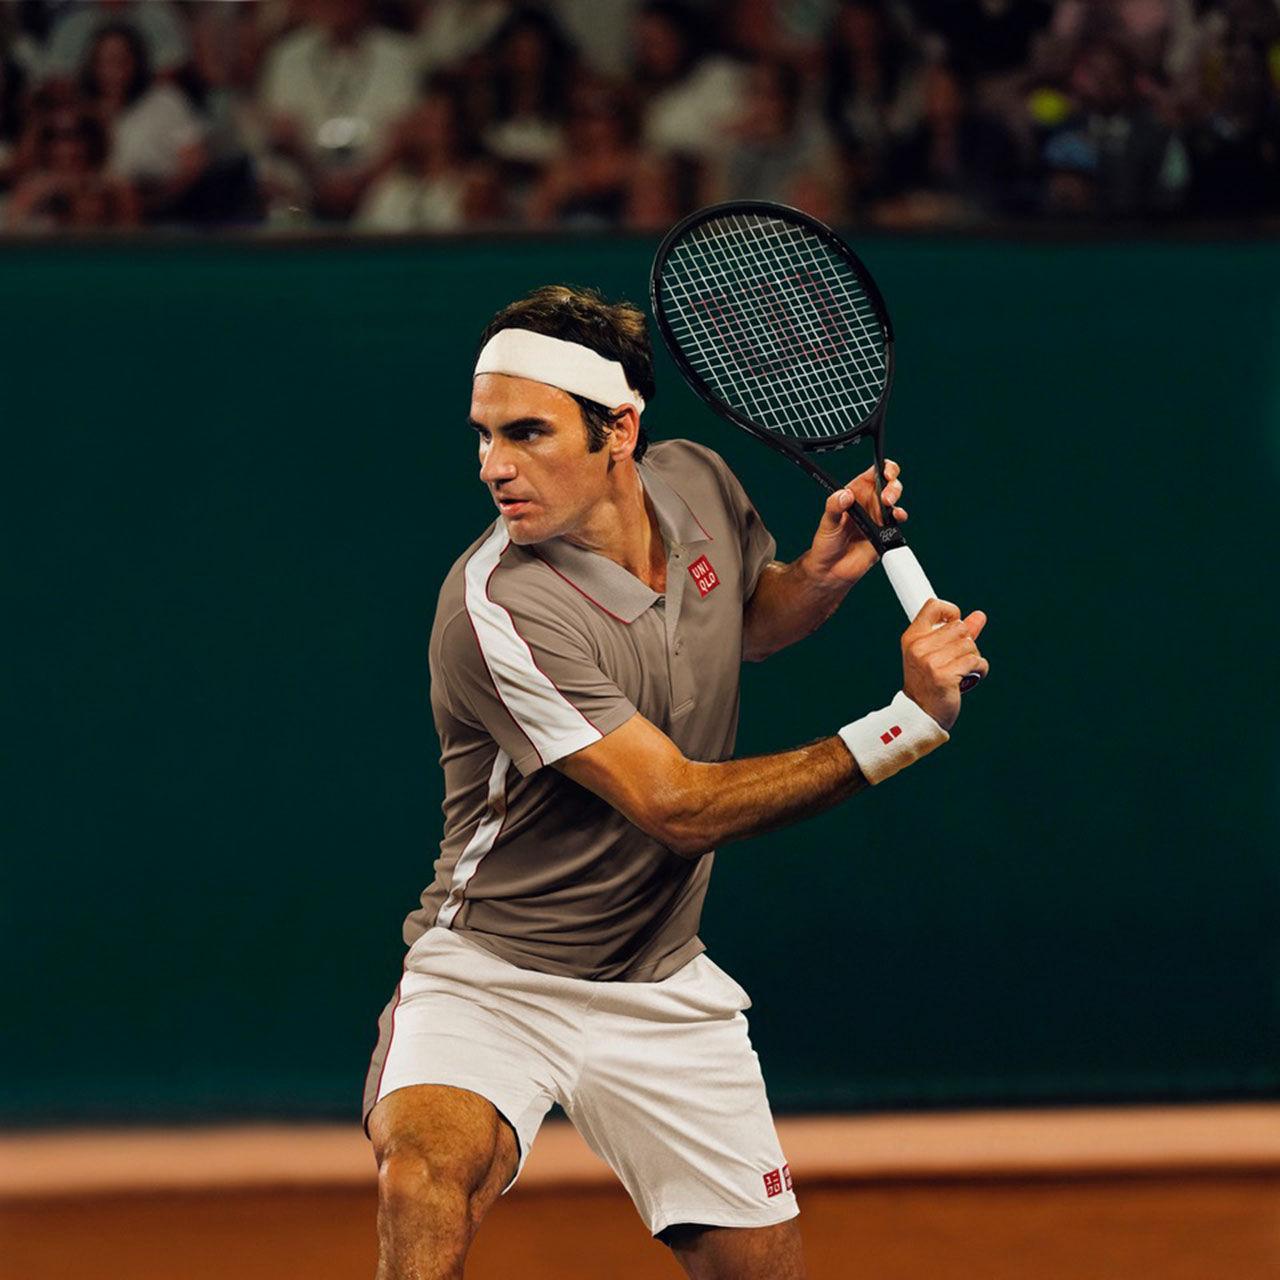 Köp Roger Federers och Kei Nishikoris matchställ